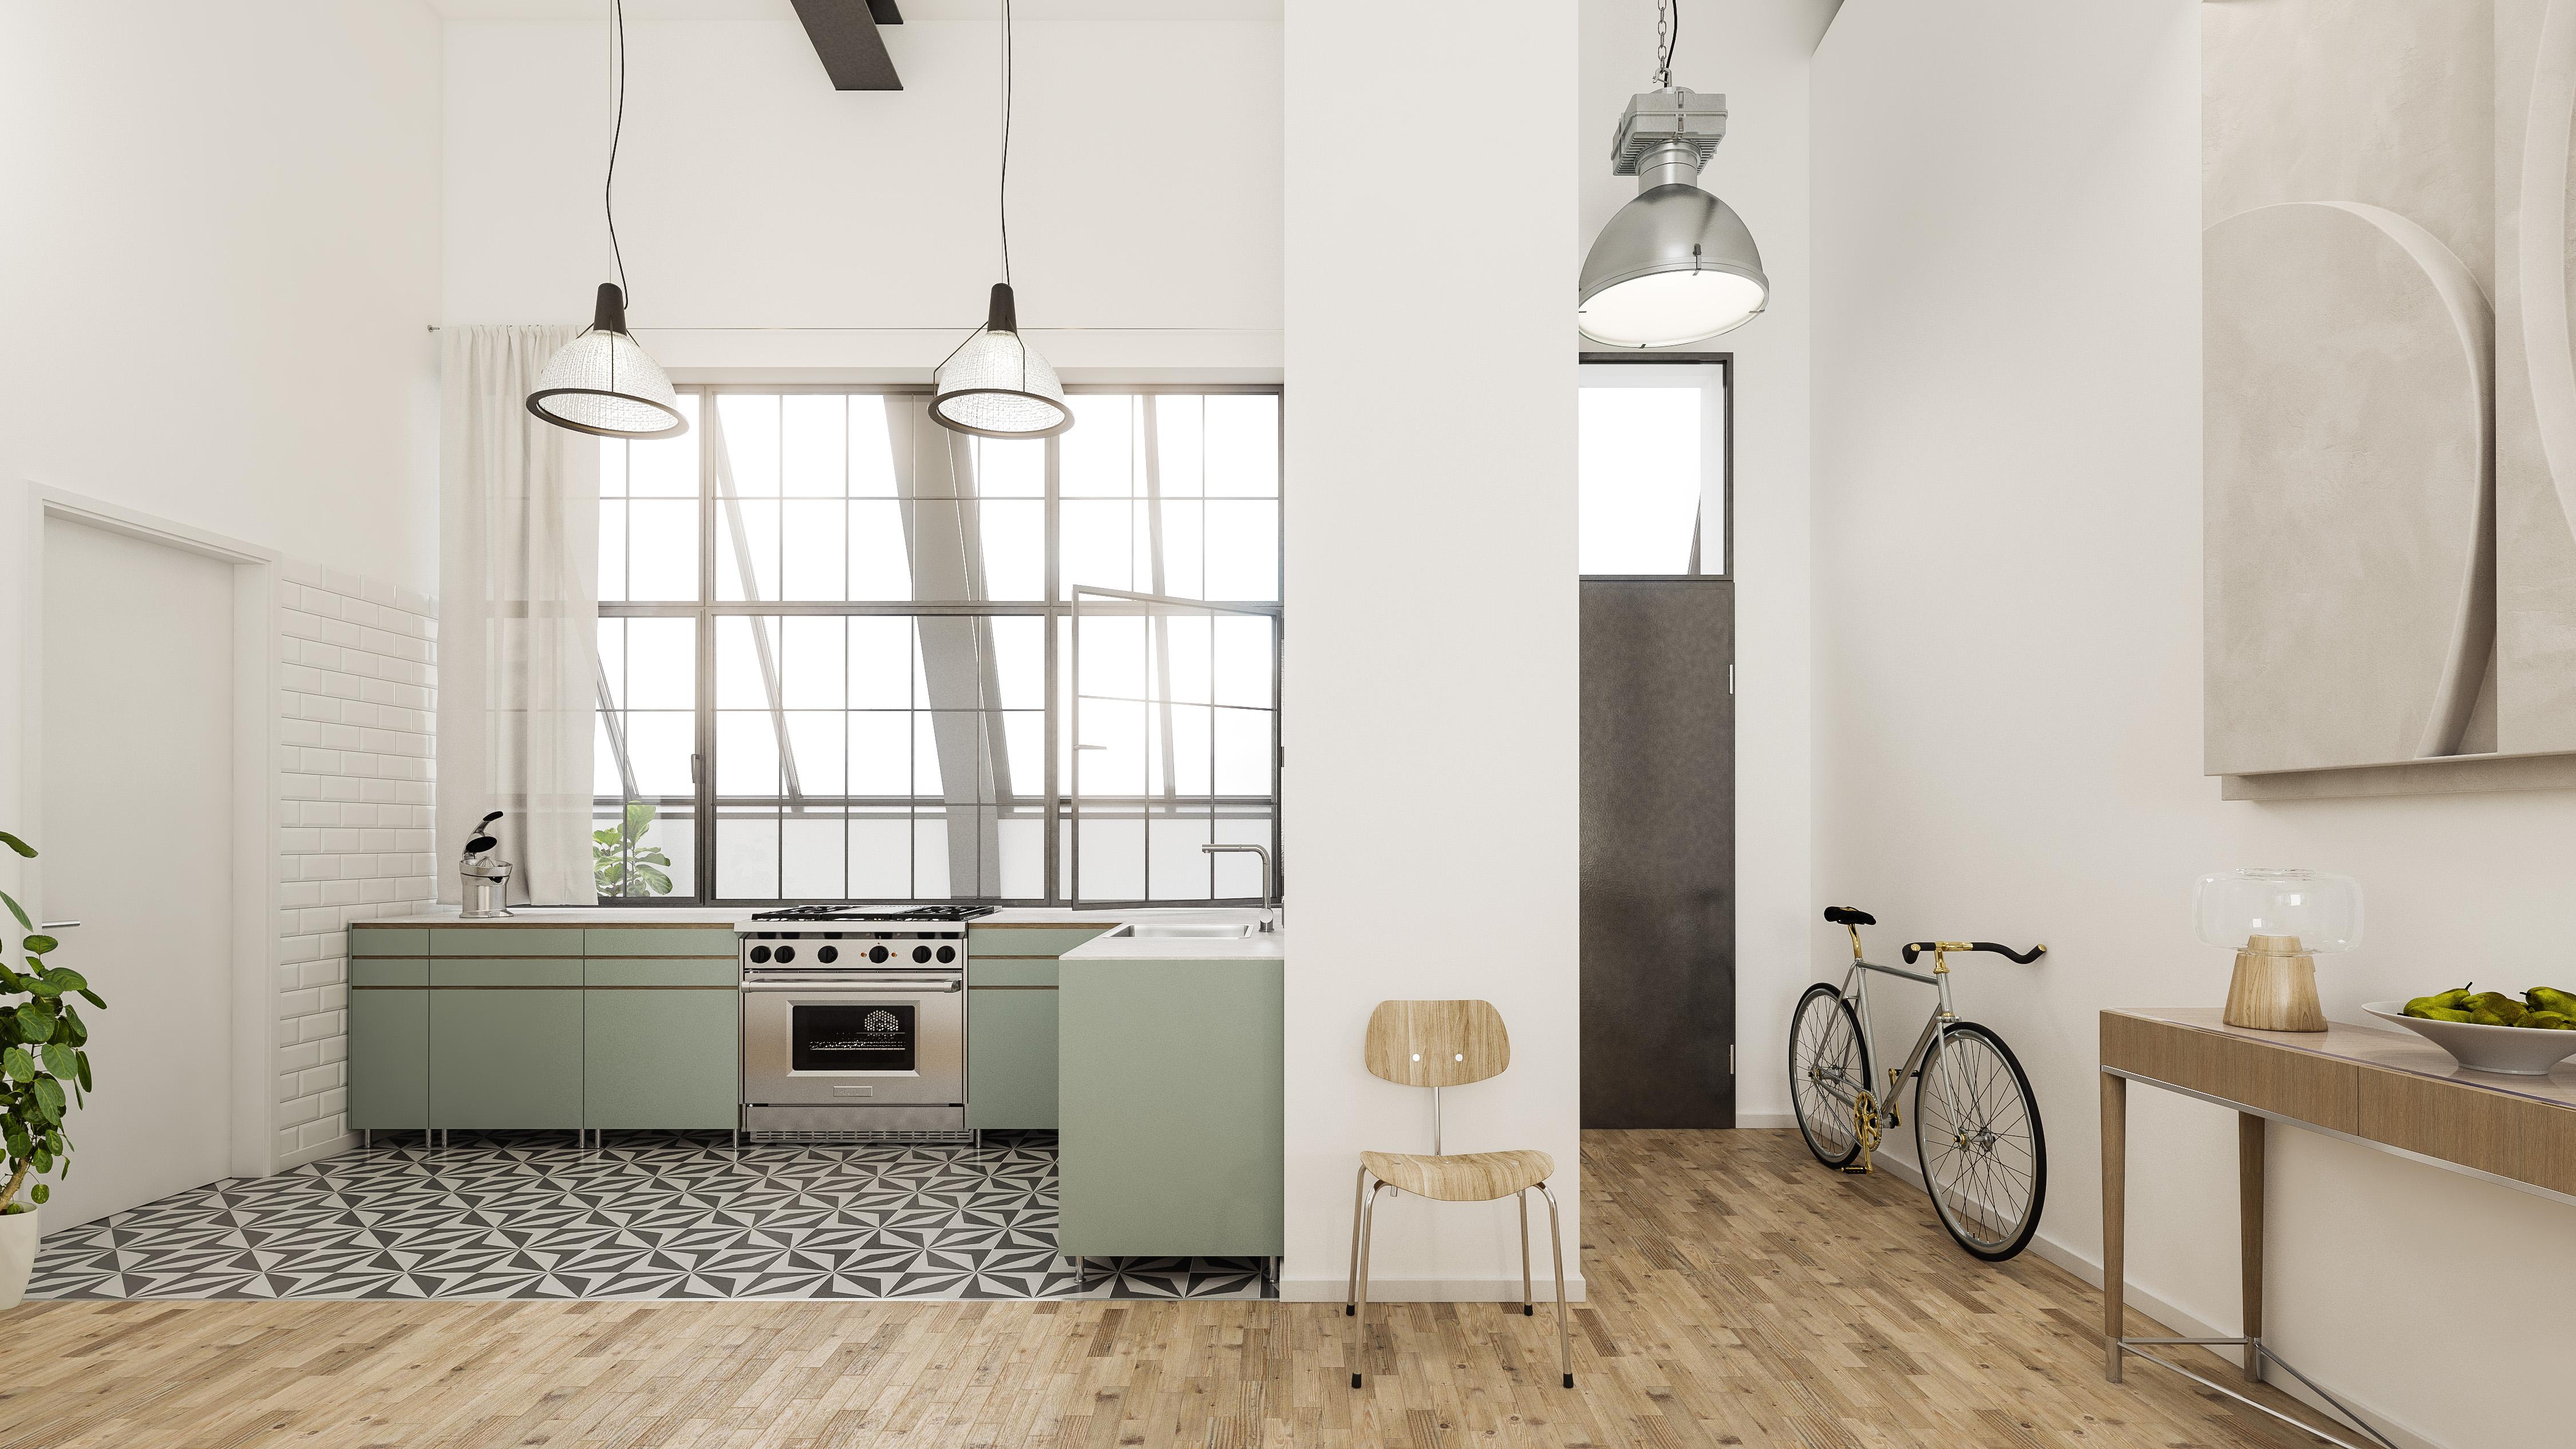 Architekturvisualisierung-Industrieloft-Küche